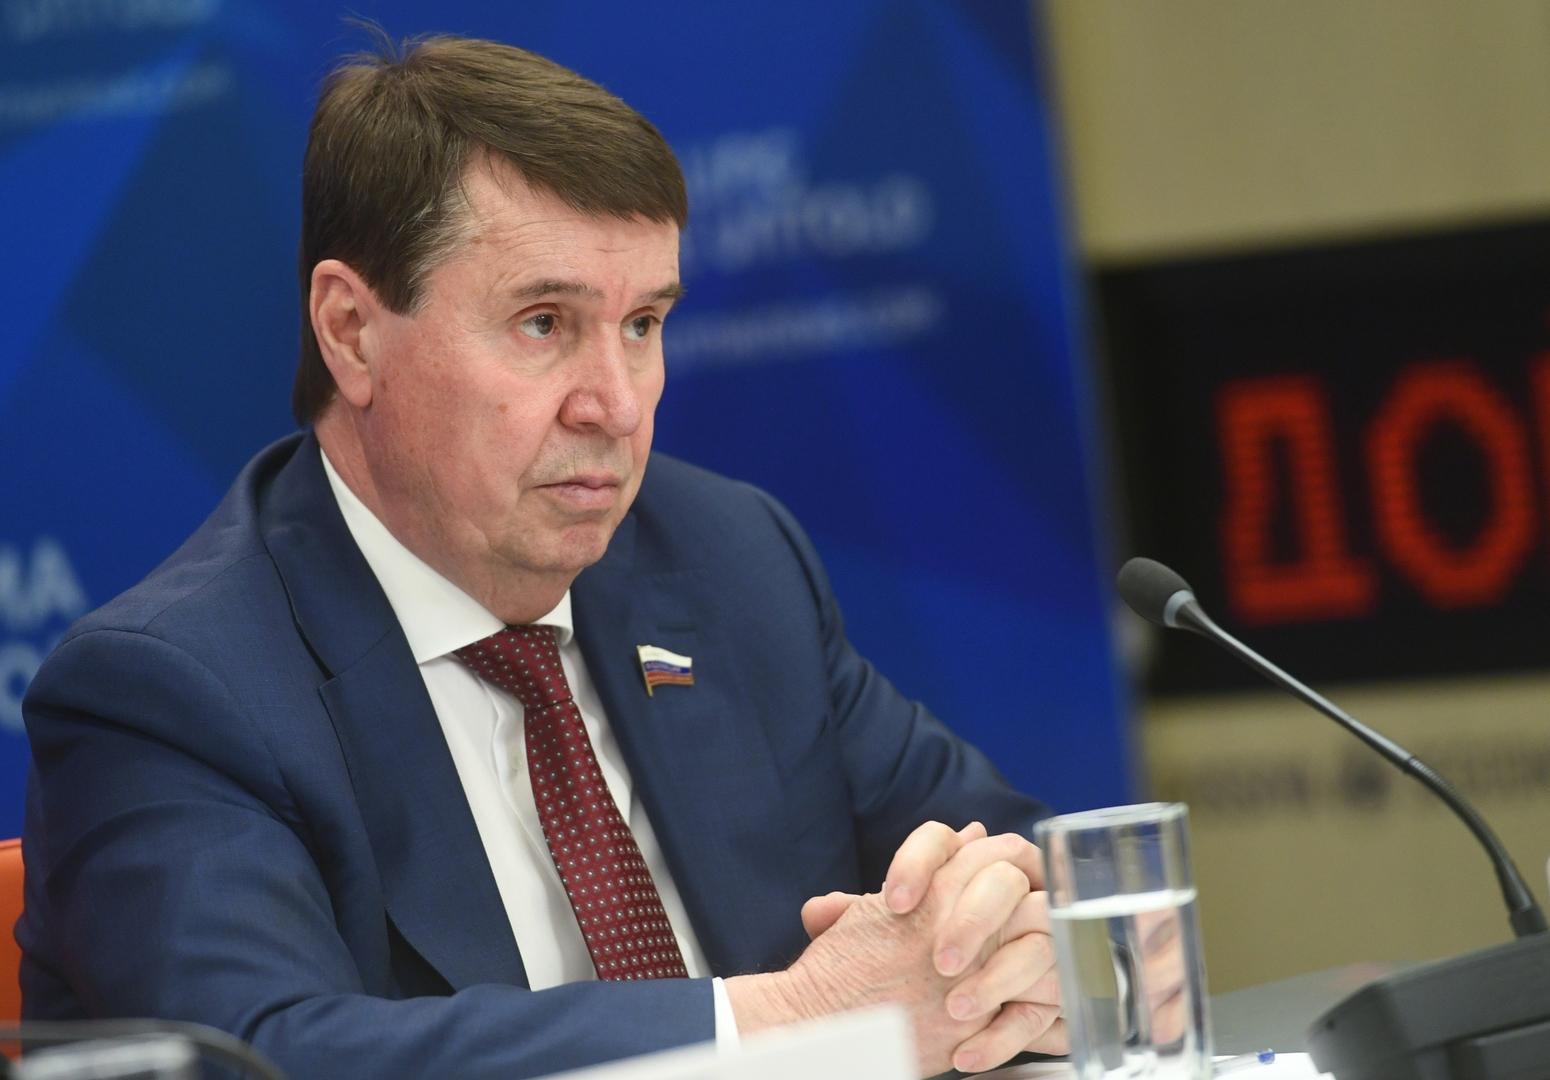 سيرغي تسيكوف، عضو لجنة العلاقات الدولية في مجلس الاتحاد الروسي